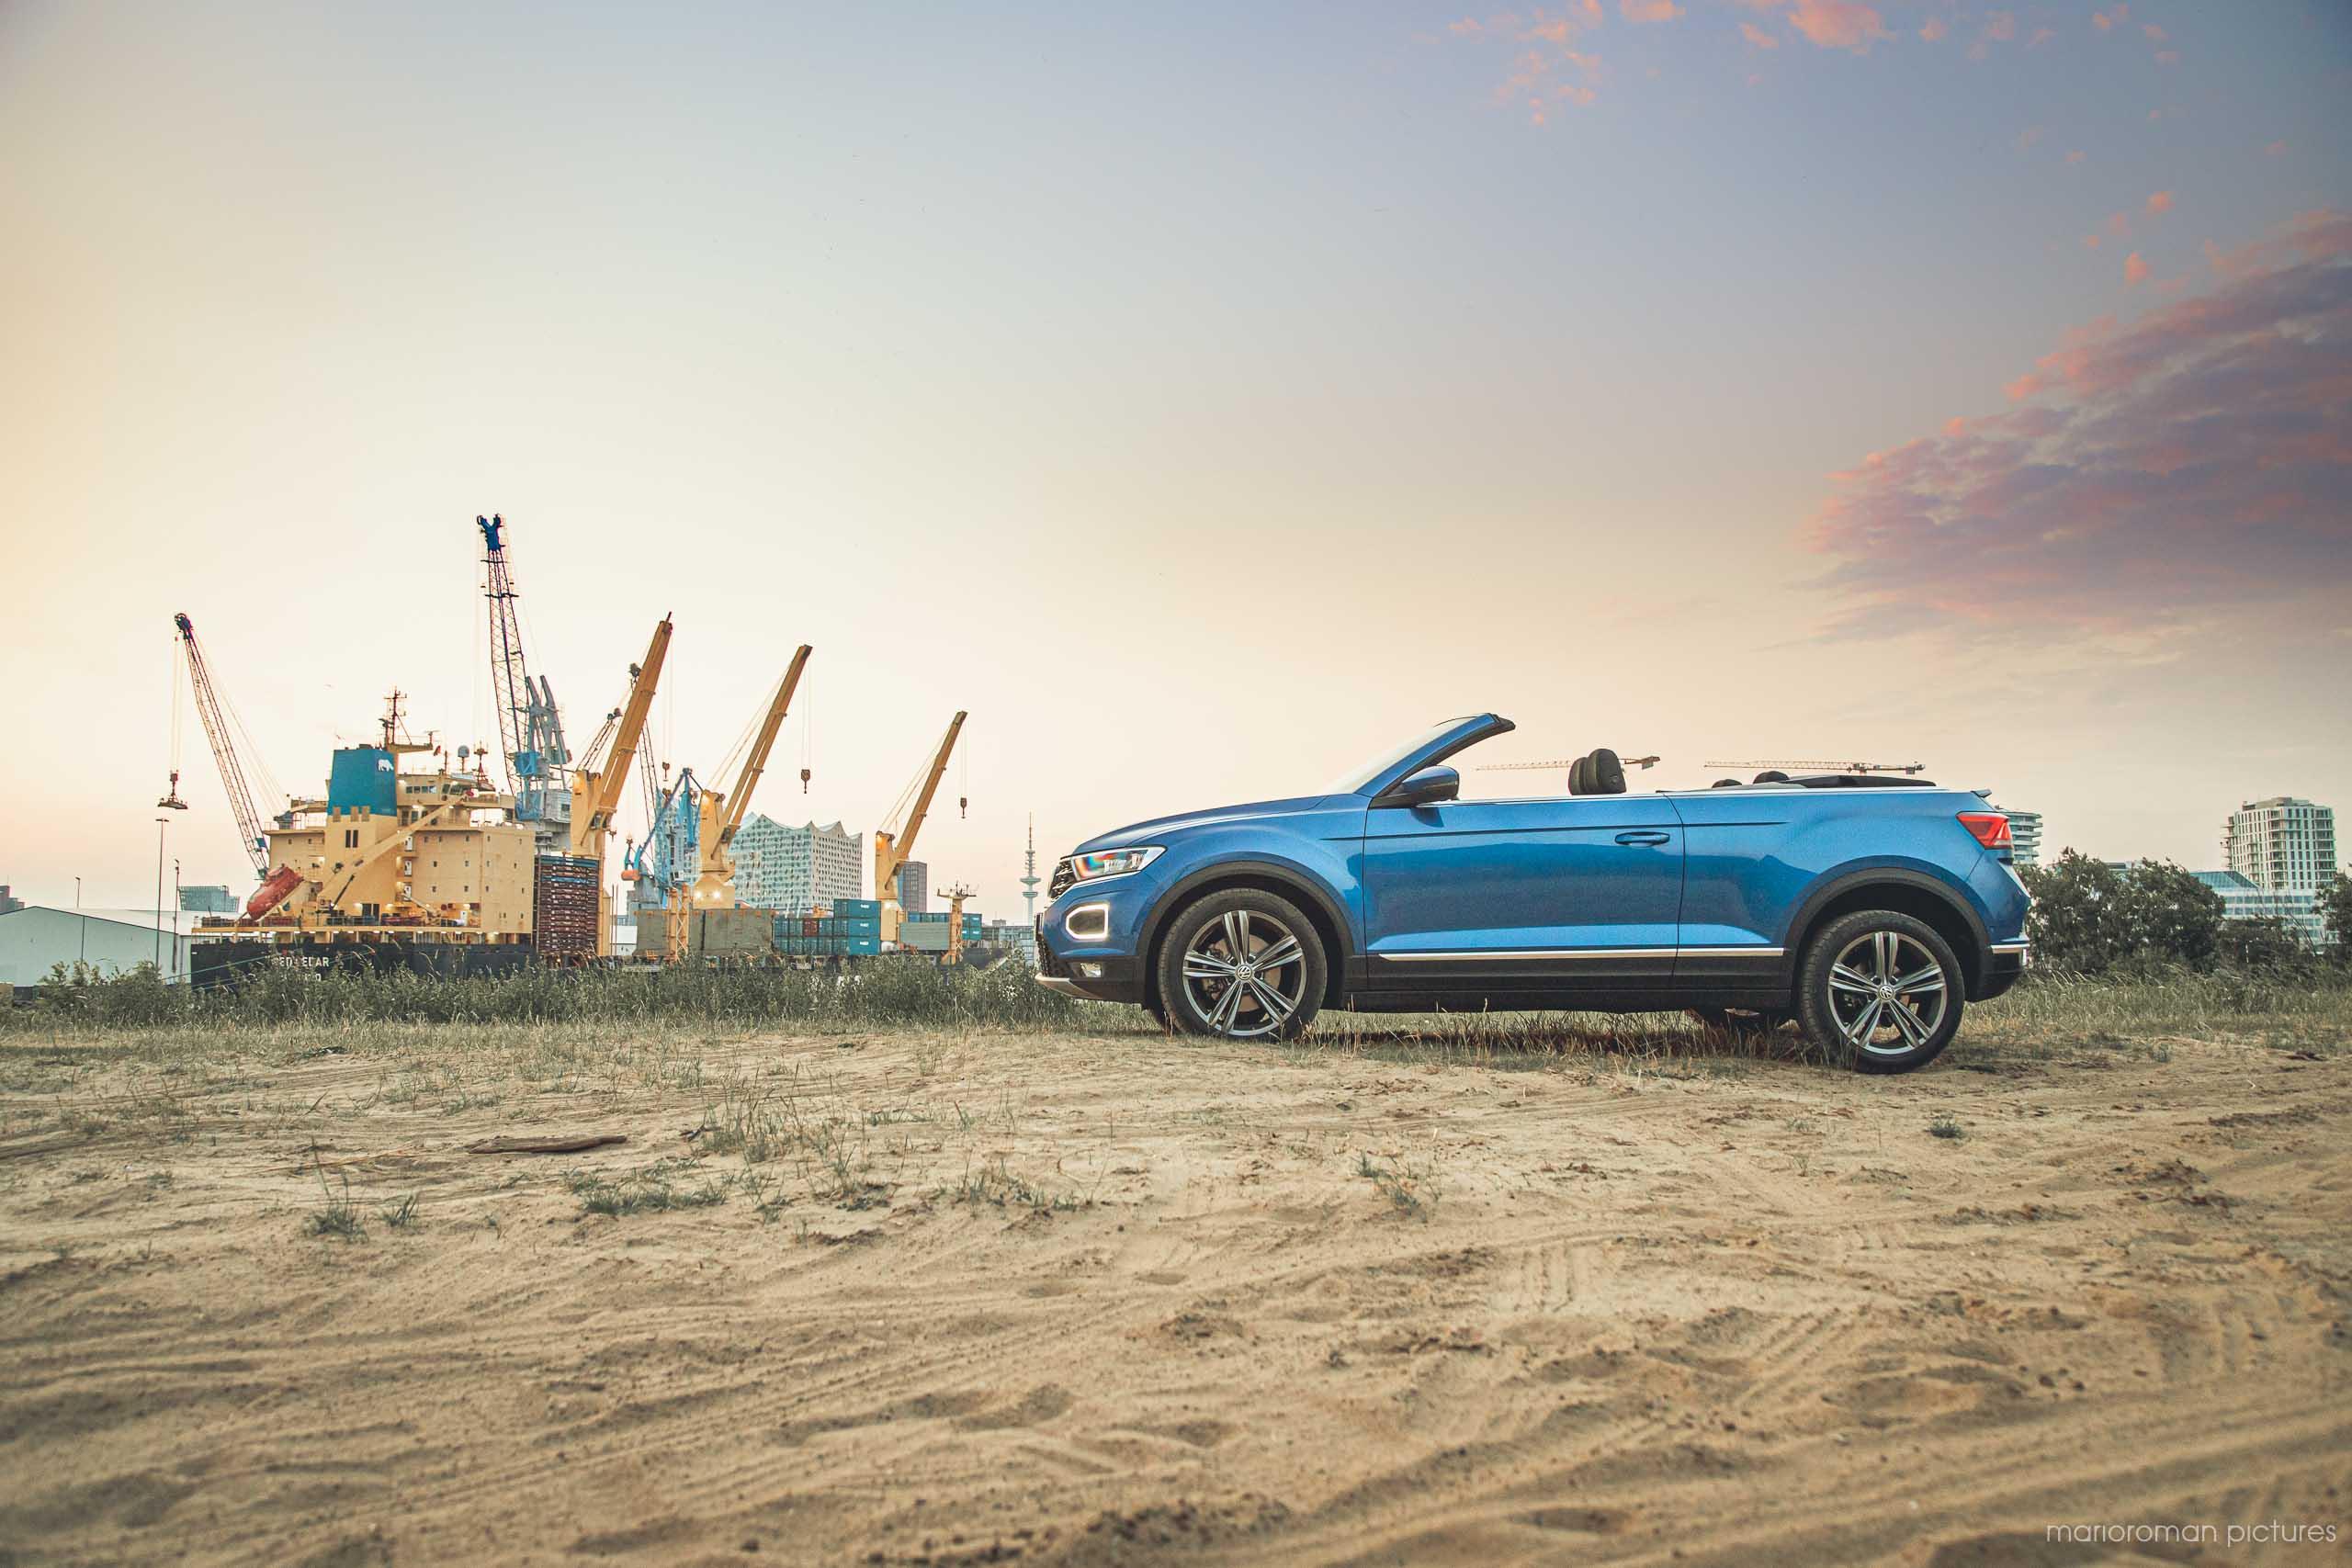 2020 Volkswagen T-Roc Cabriolet | Fanaticar Magazin